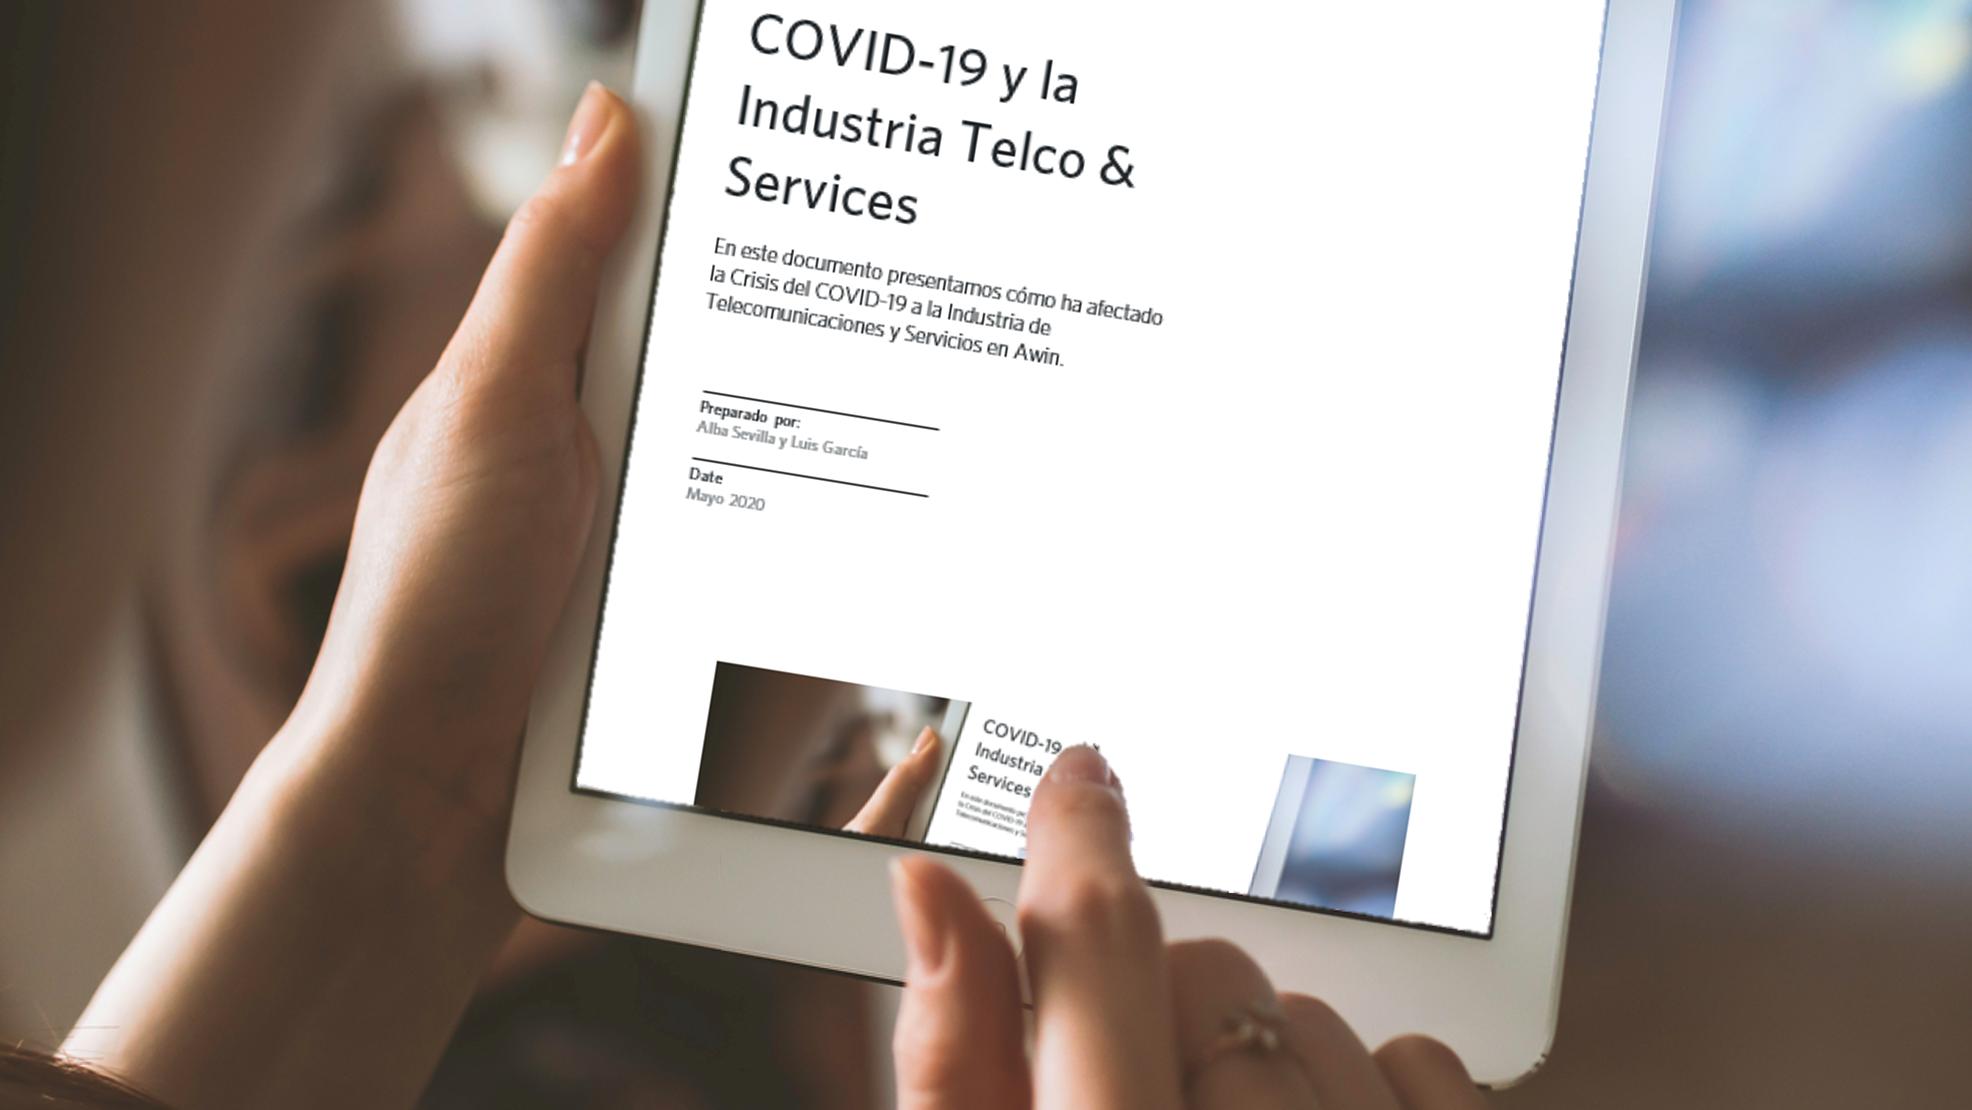 COVID-19 y la Industria Telco & Services